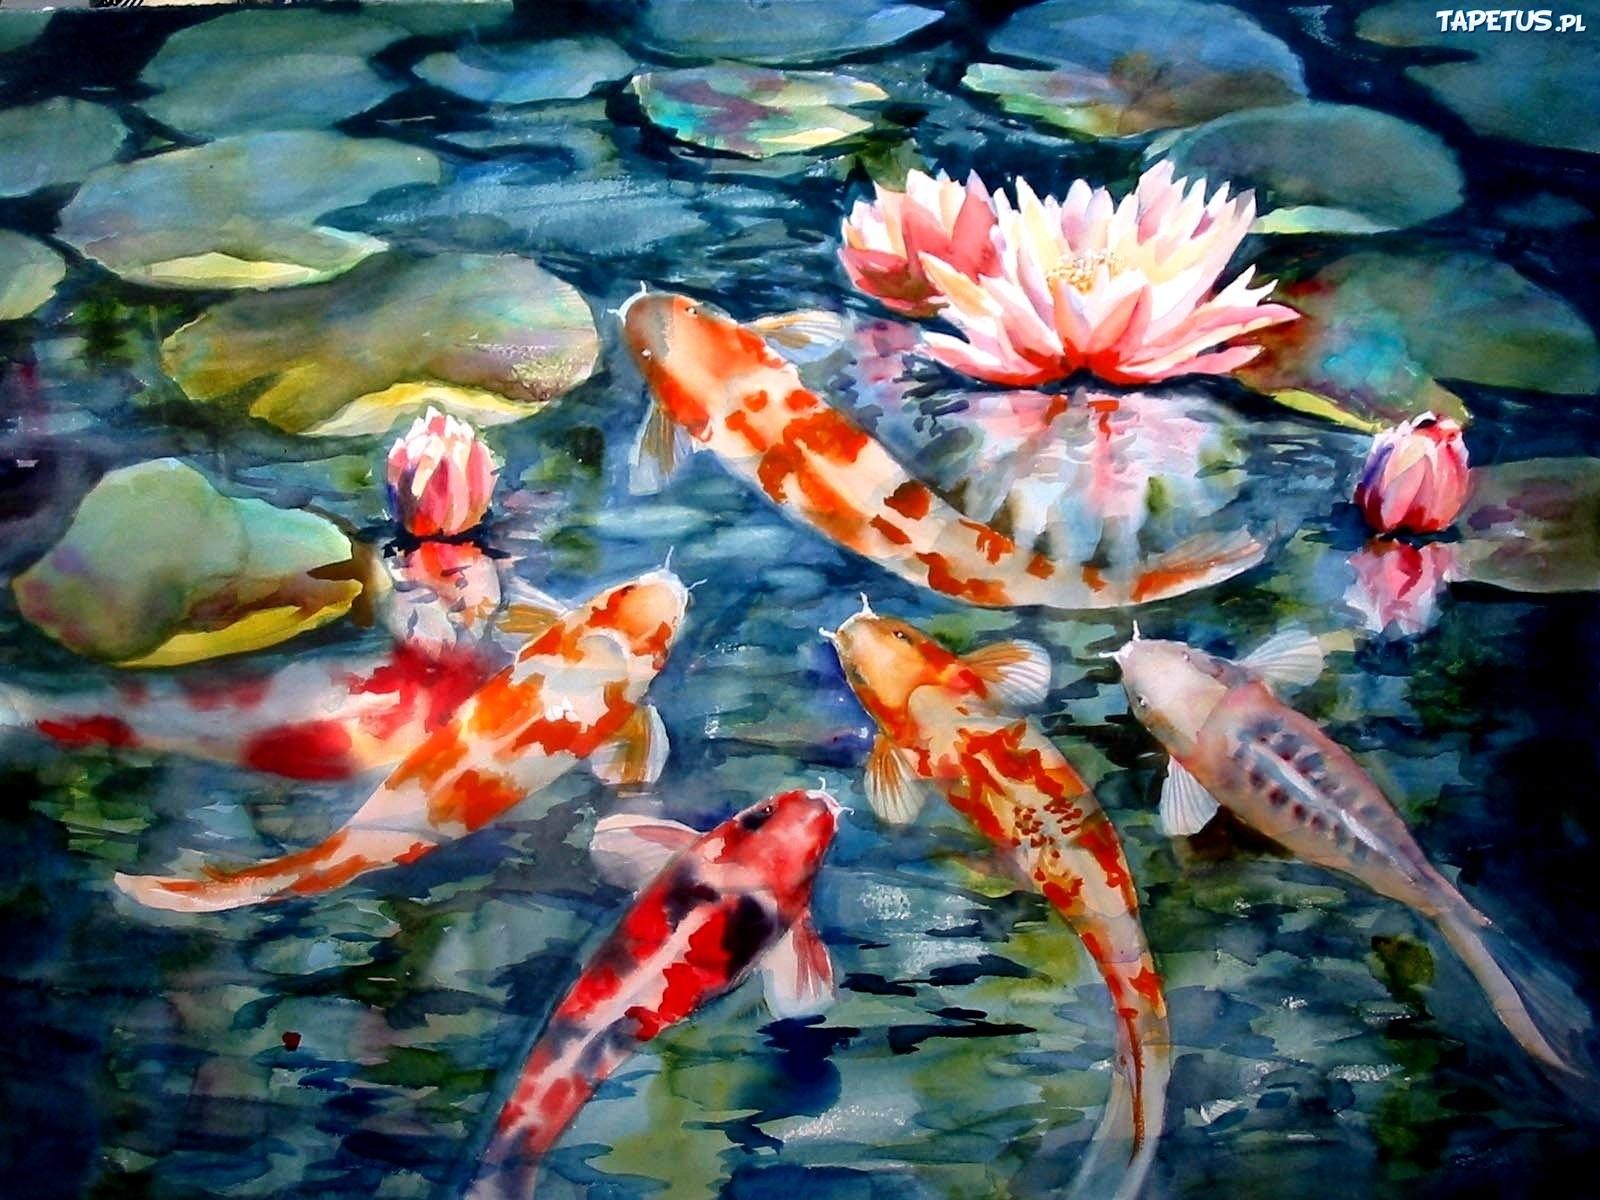 Золотые рыбки на поверхности  № 2075958 без смс